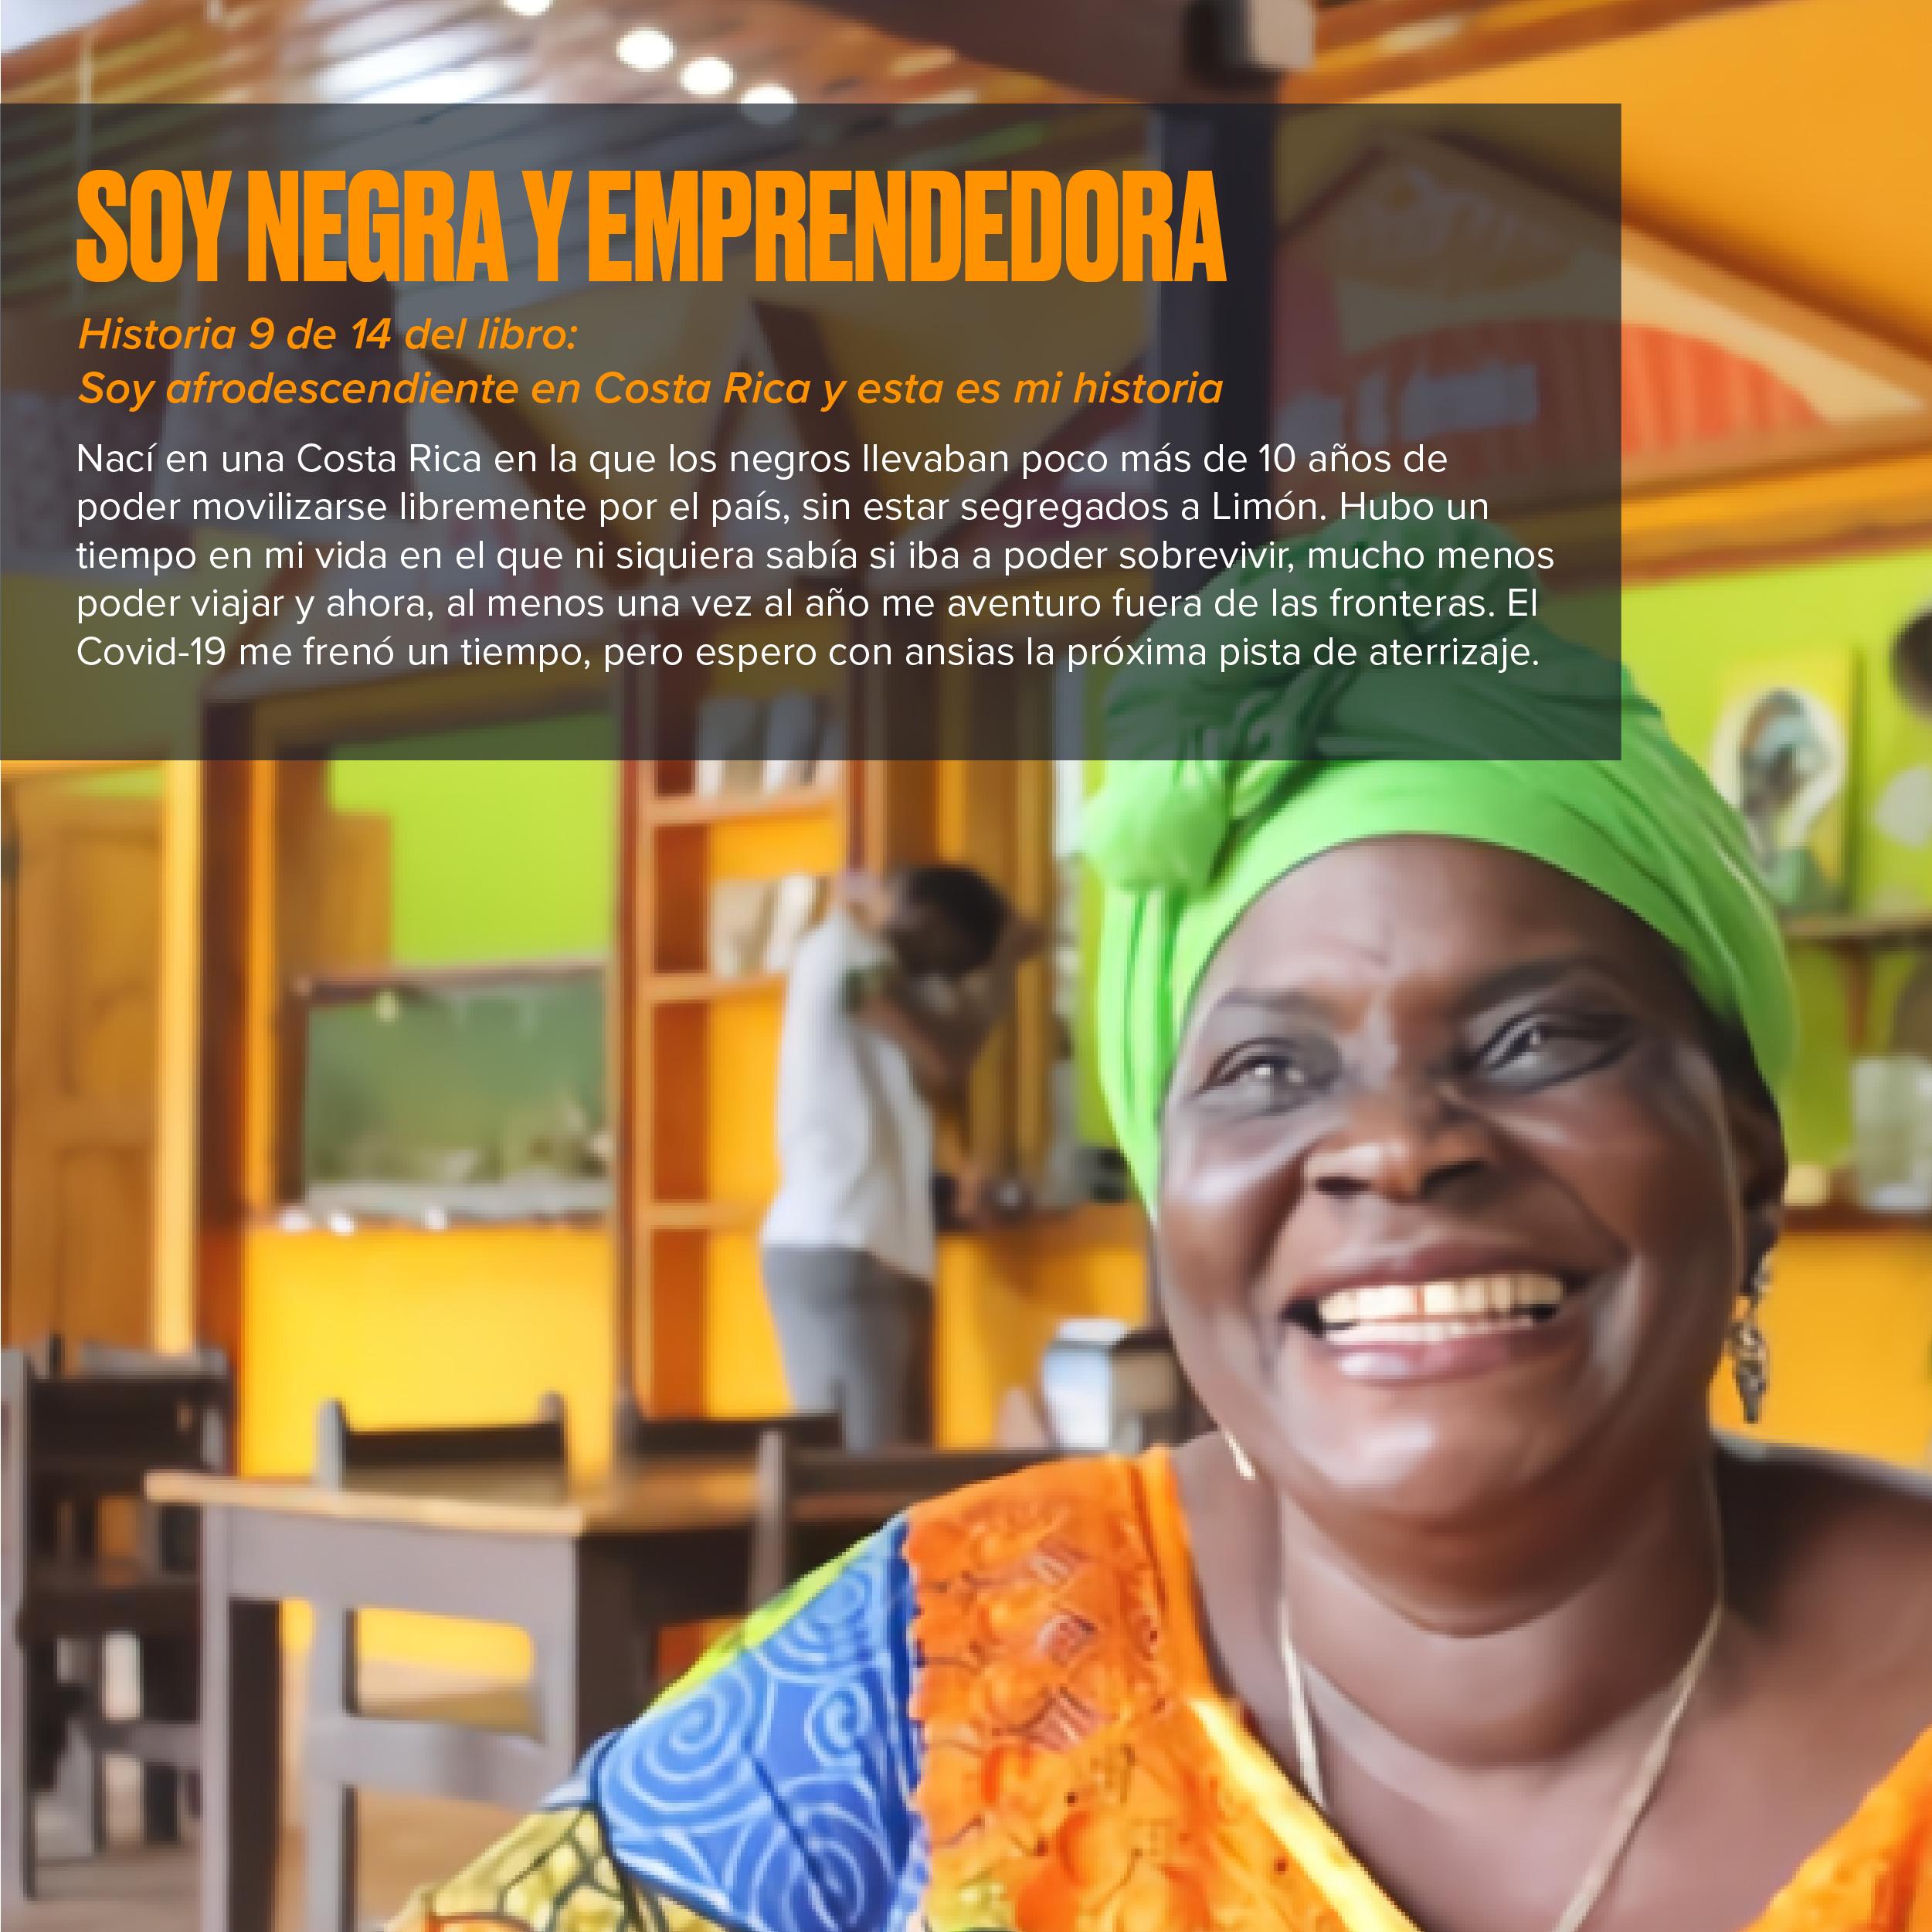 Soy negra y emprendedora: Historias afrodescendientes